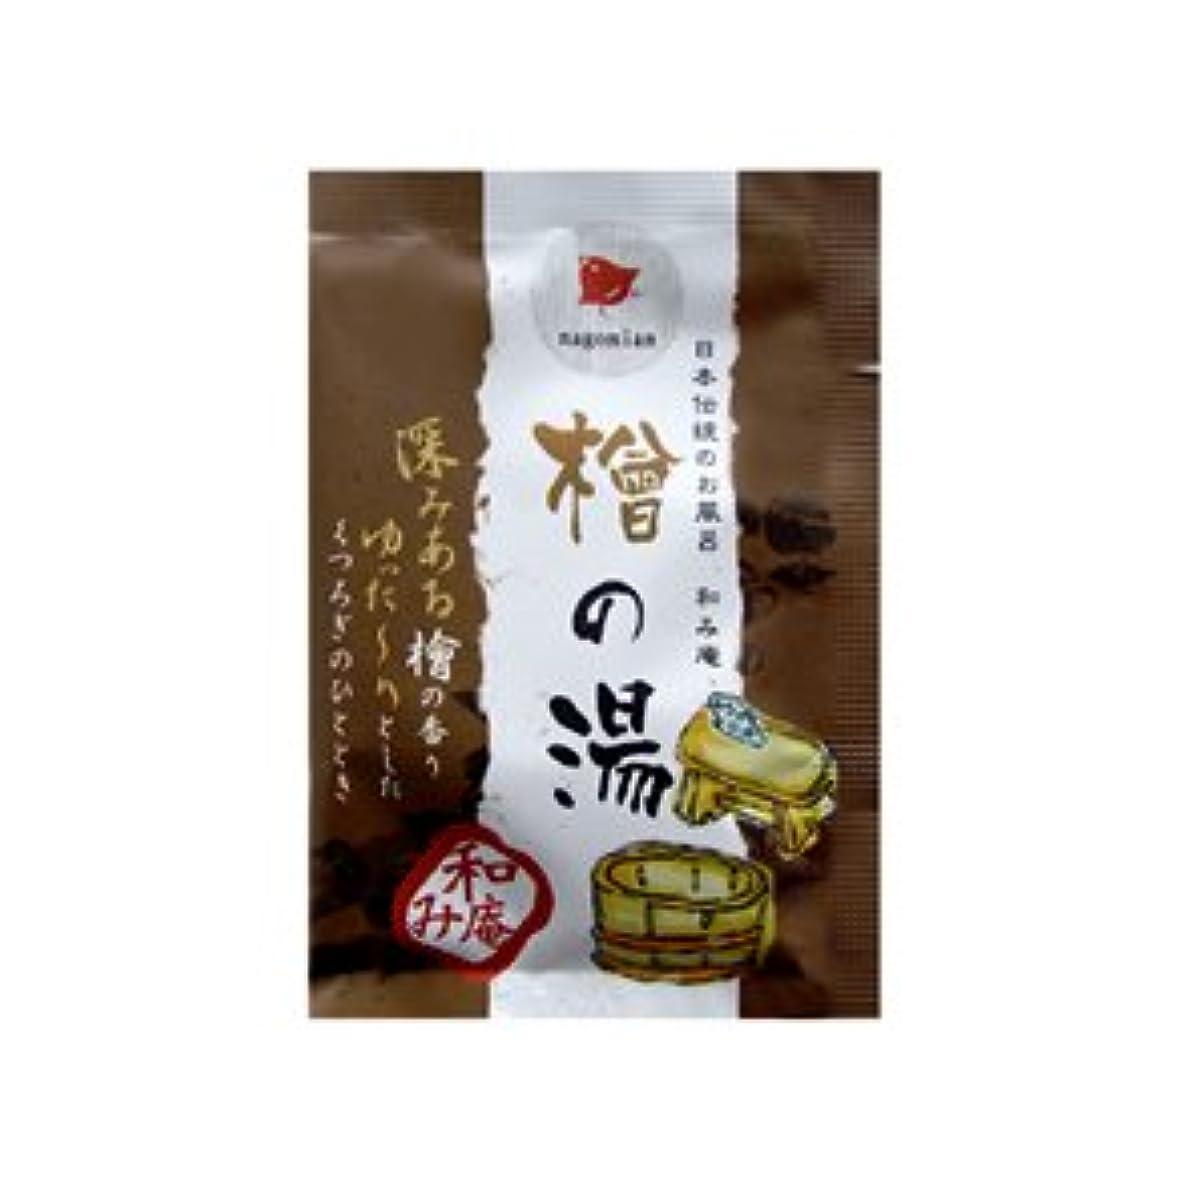 社会学保持する花に水をやる日本伝統のお風呂 和み庵 檜の湯 25g 1包